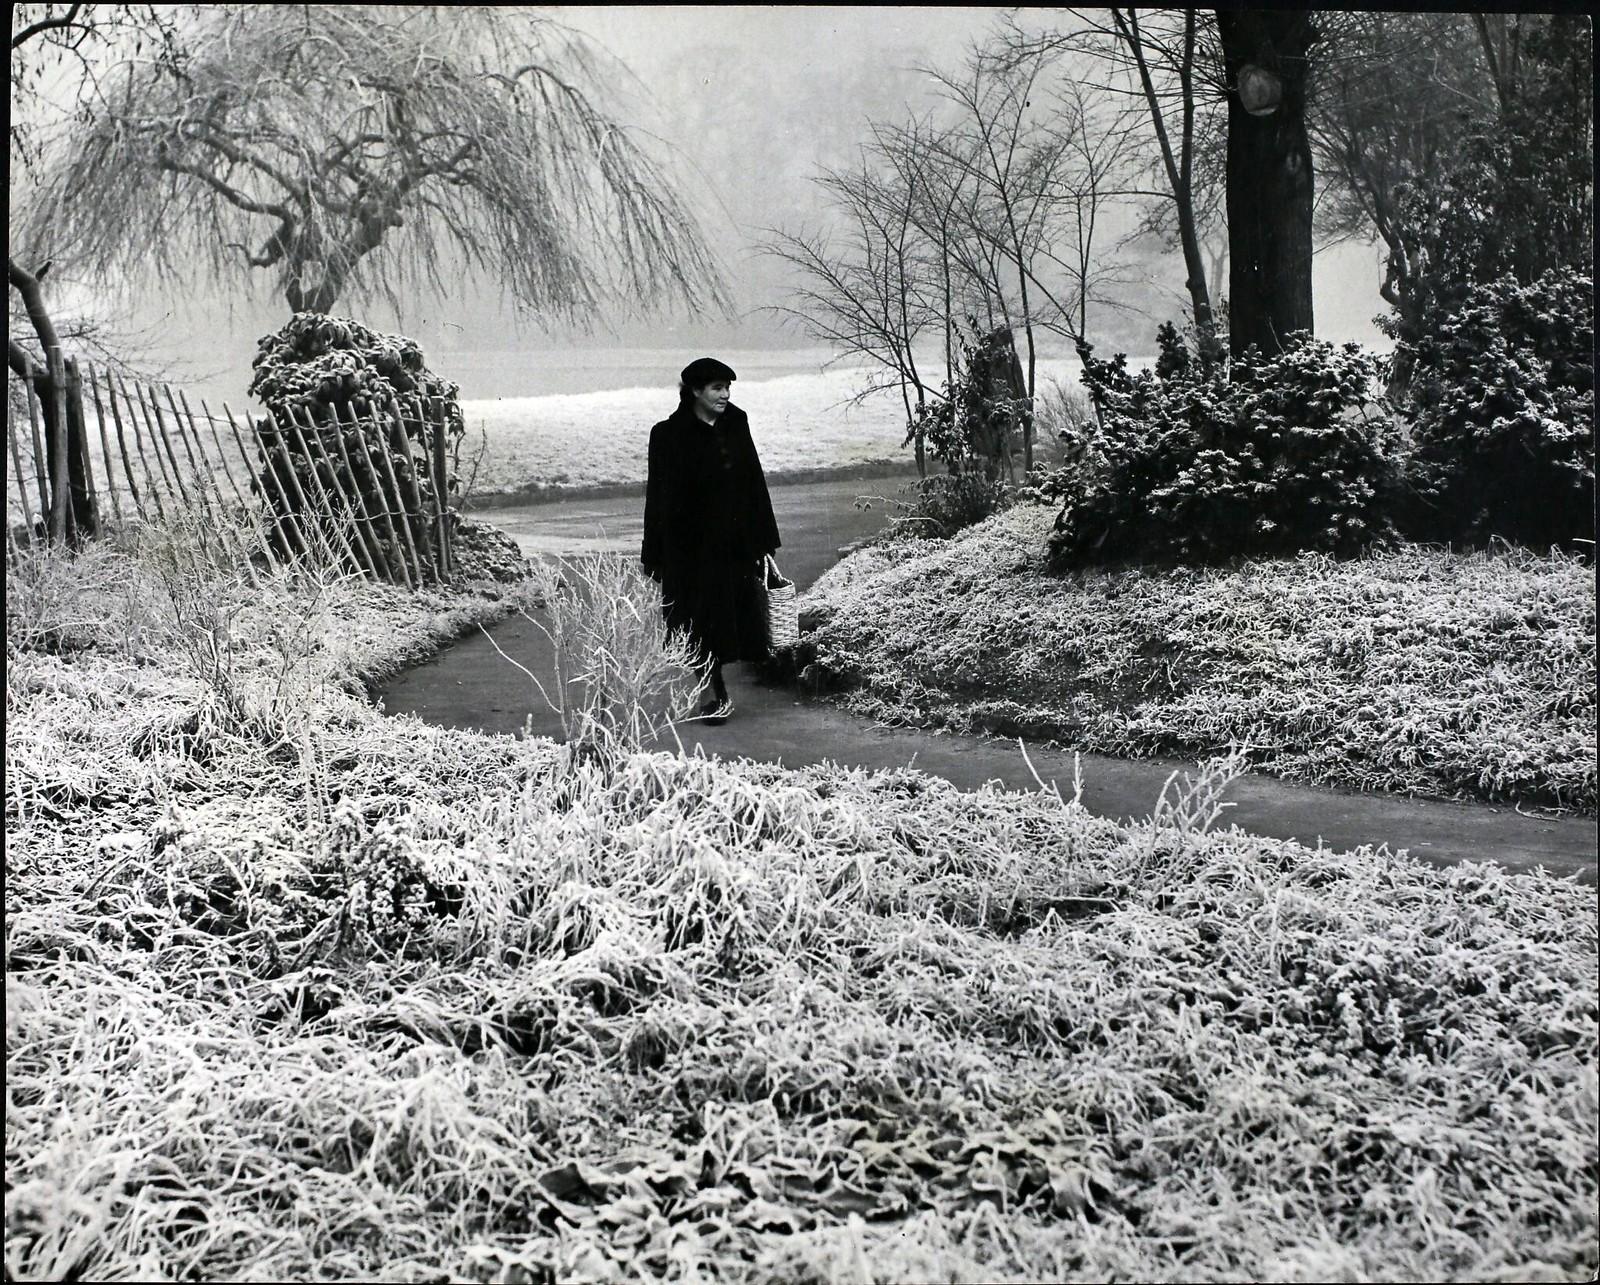 13. Зима приходит в Лондон, зима снова с нами, и сегодня утром лондонцы, проснувшись, обнаруживают, что город весь покрыт белым инеем.